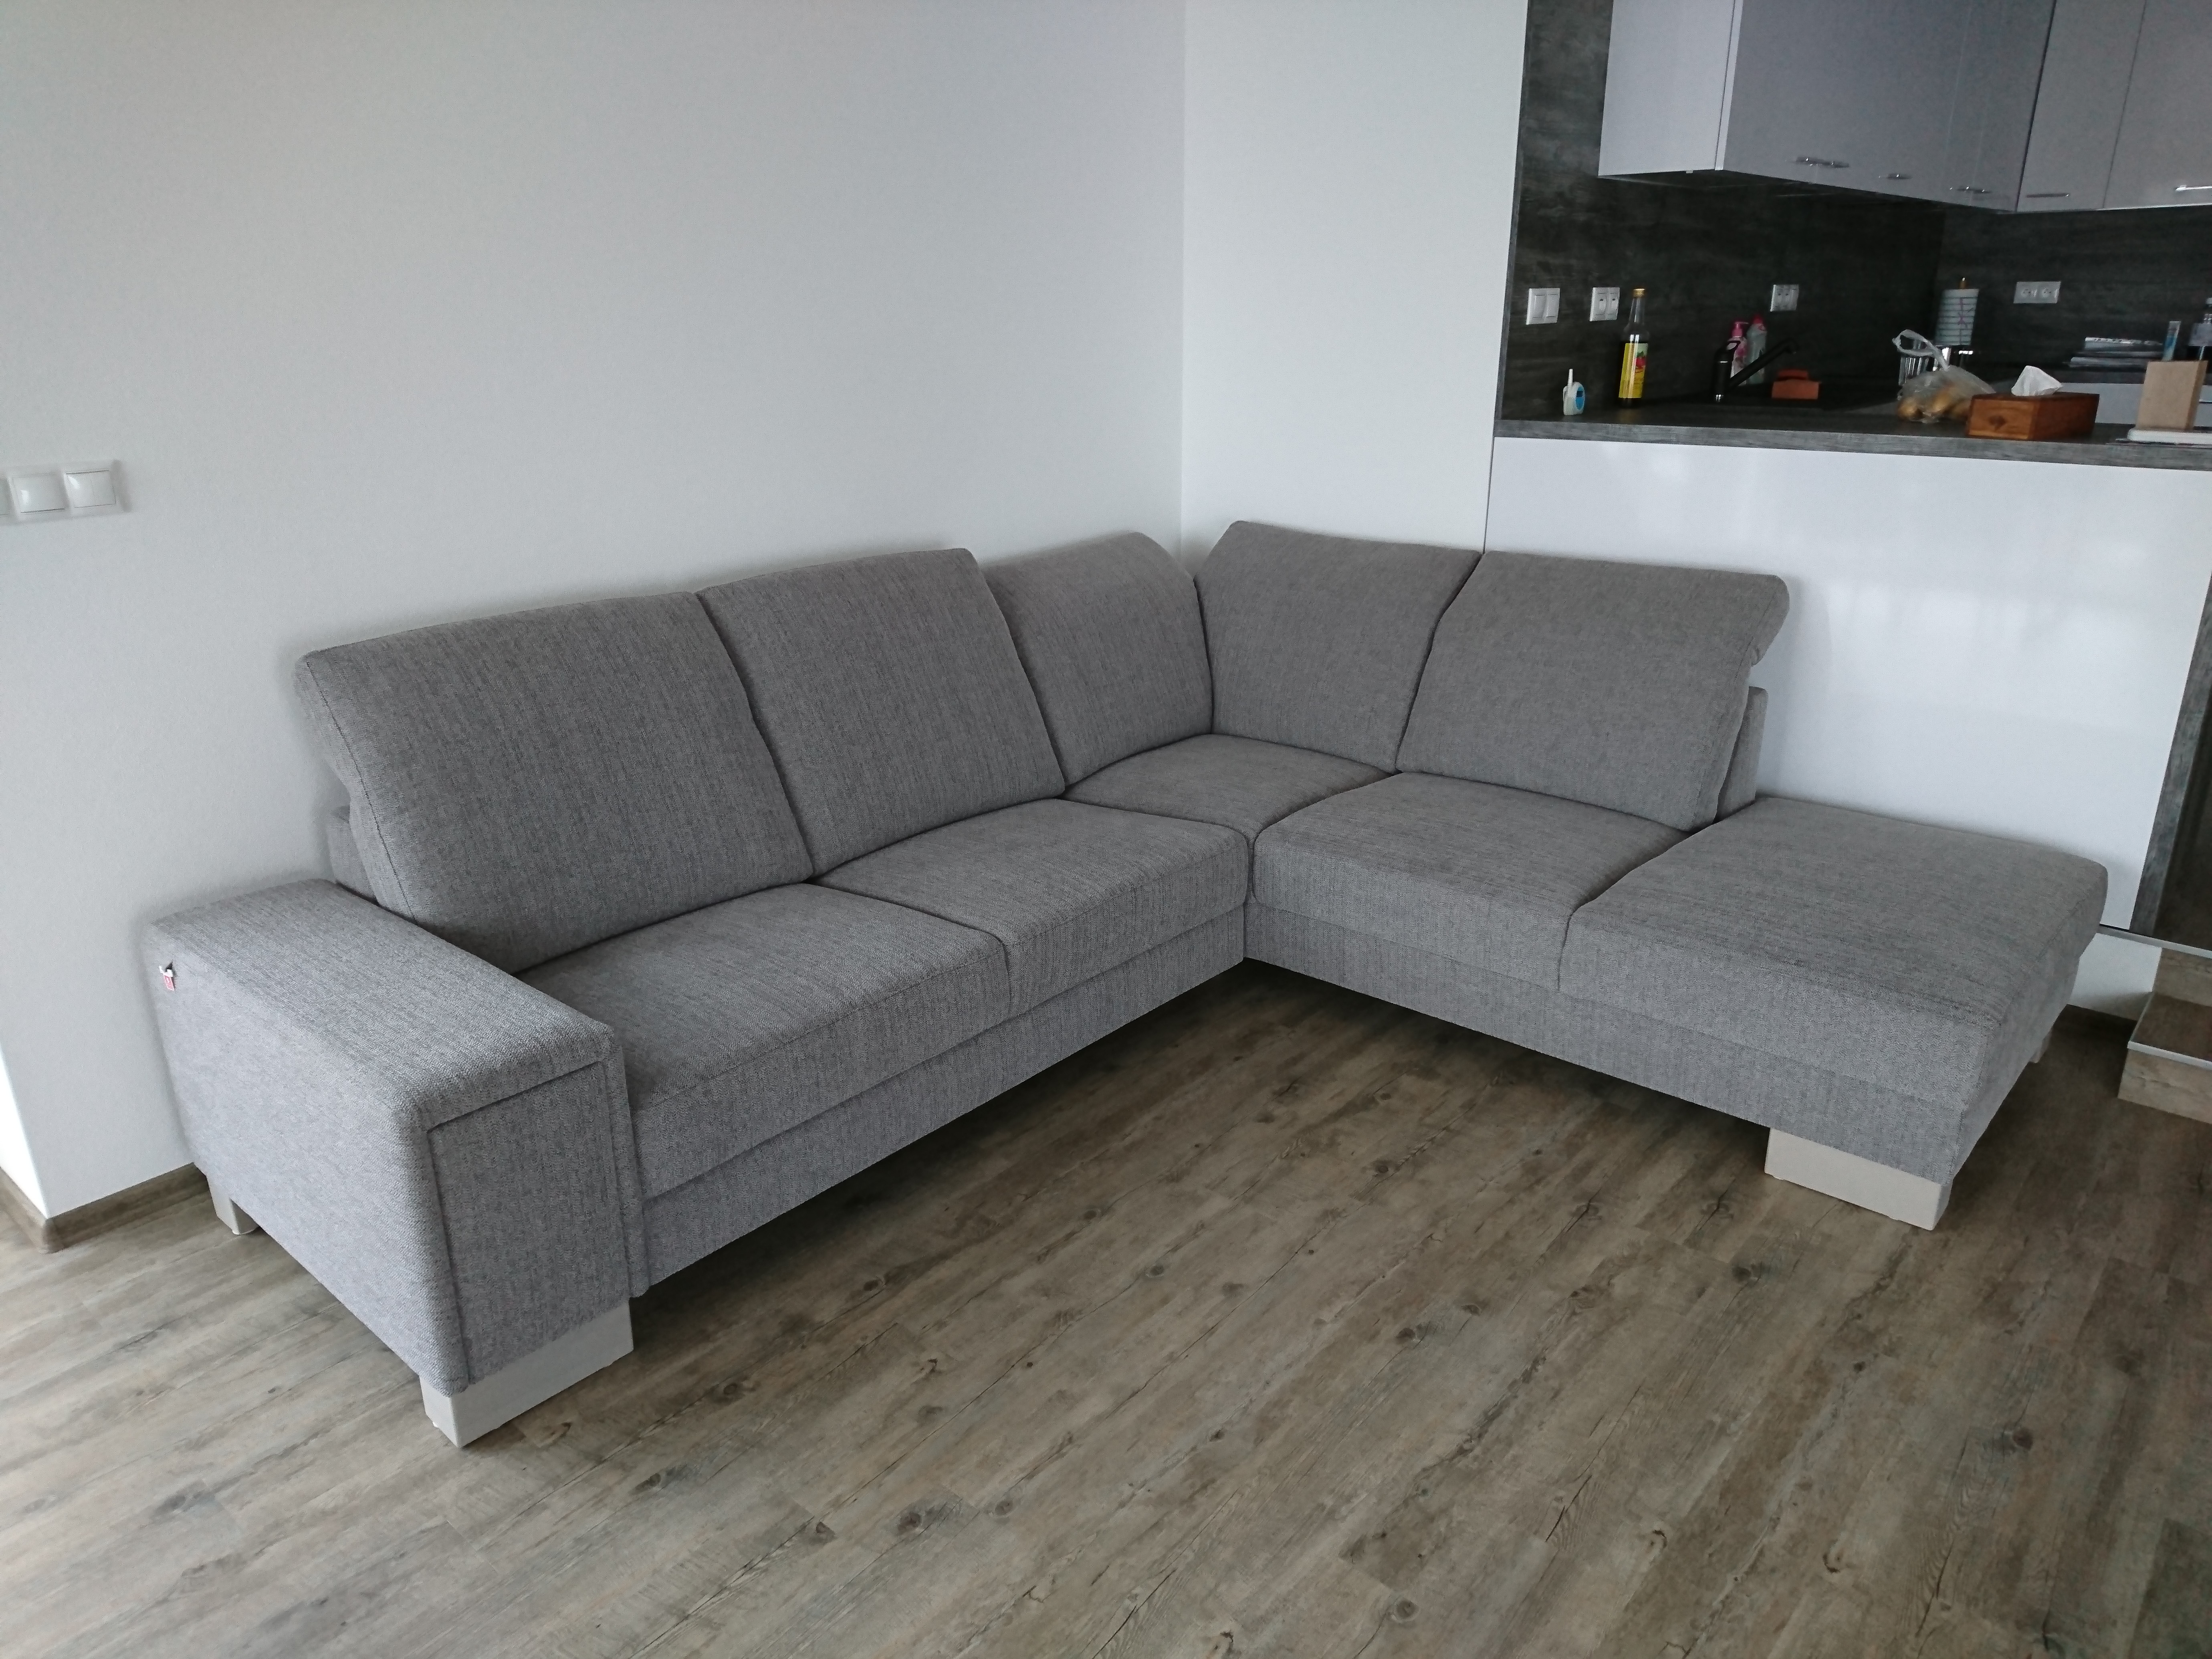 Moderná sedačka s polohovateľnými chrbtovými opierkami v príjemnom a zároveň kvalitnom poťahu Roxy. Rozmer: 270x230cm